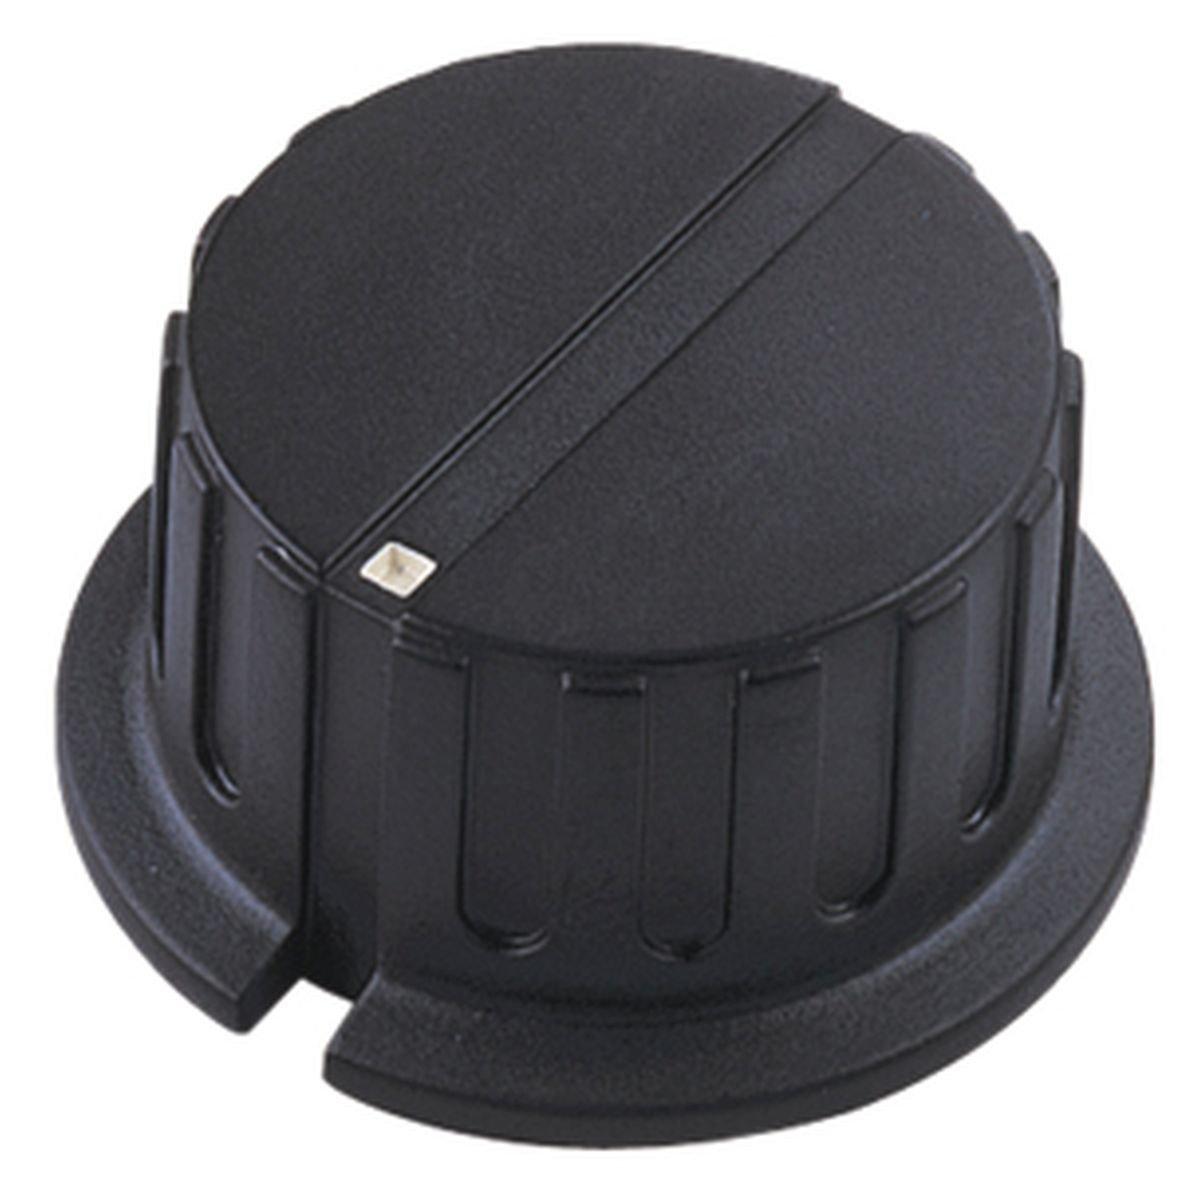 Pointer Knob, Black Electrovision